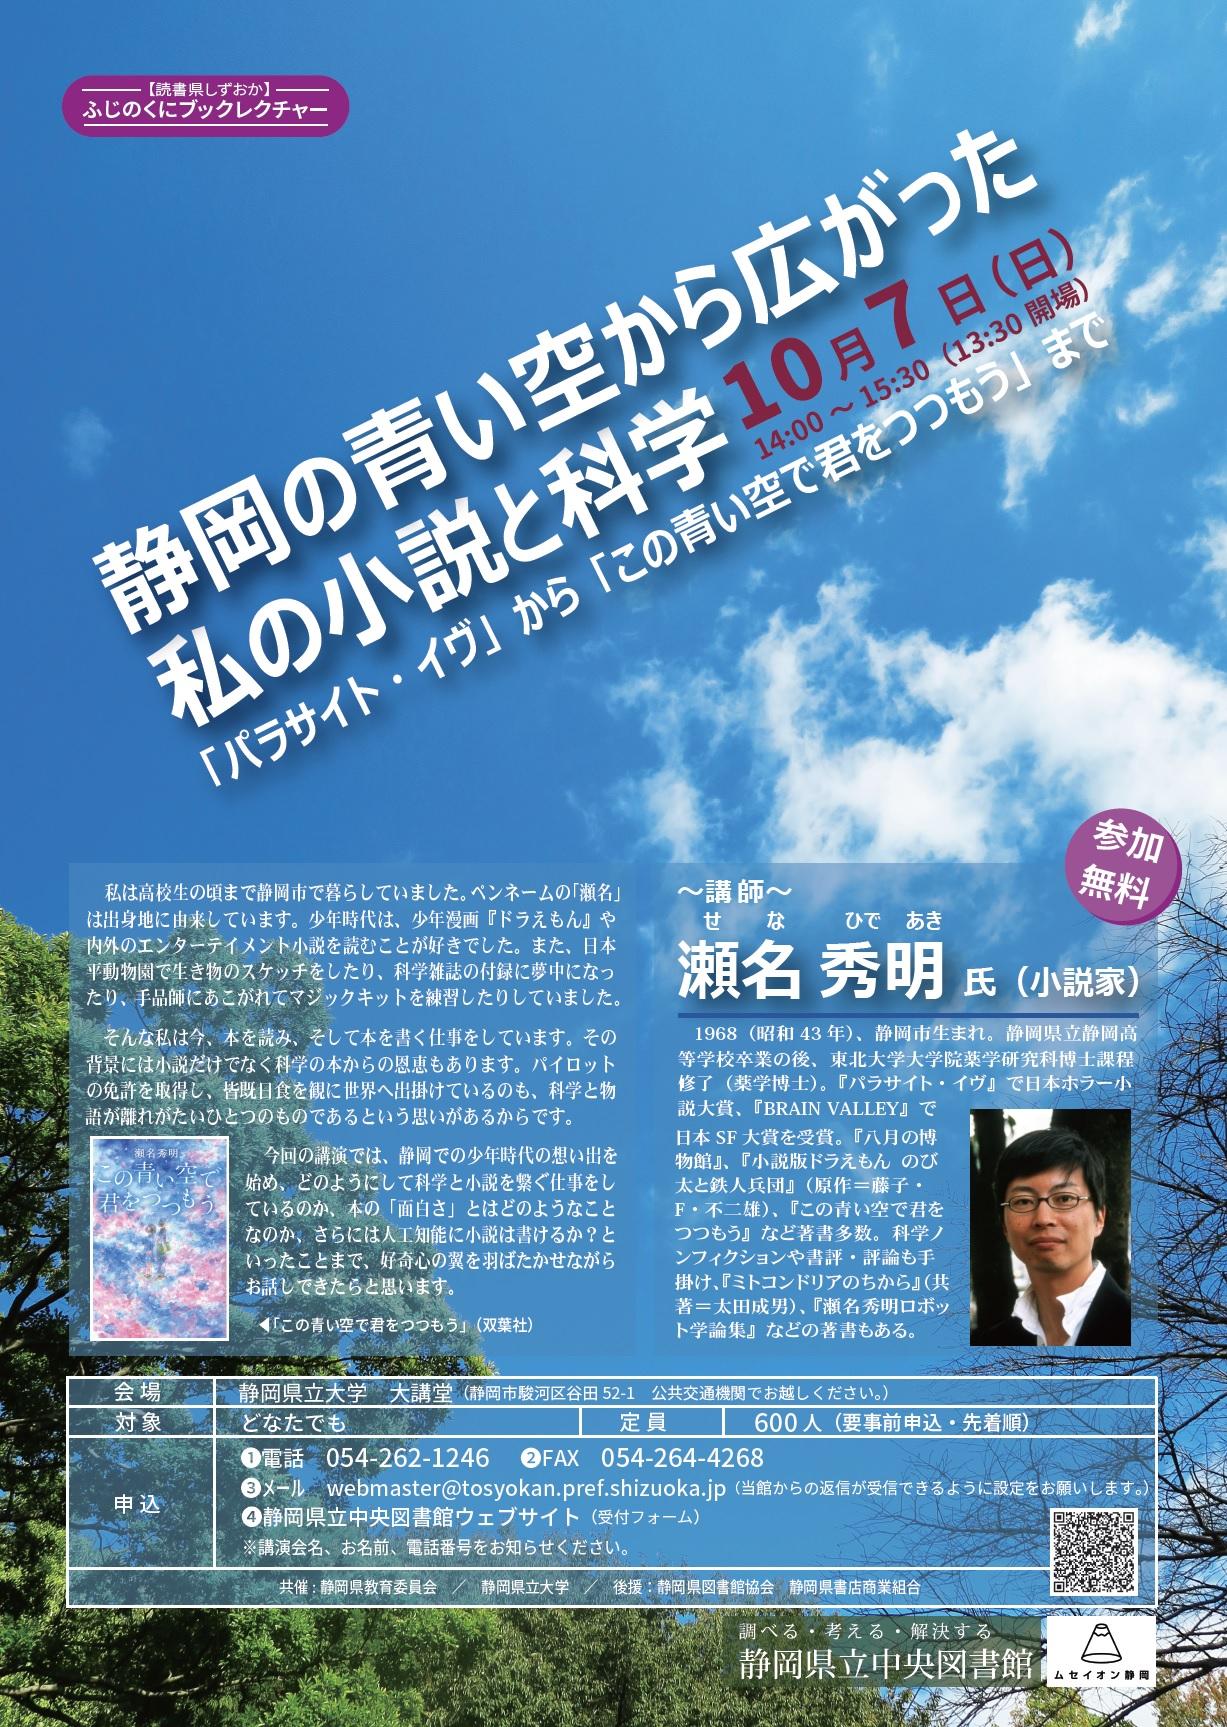 教育 委員 県 会 静岡